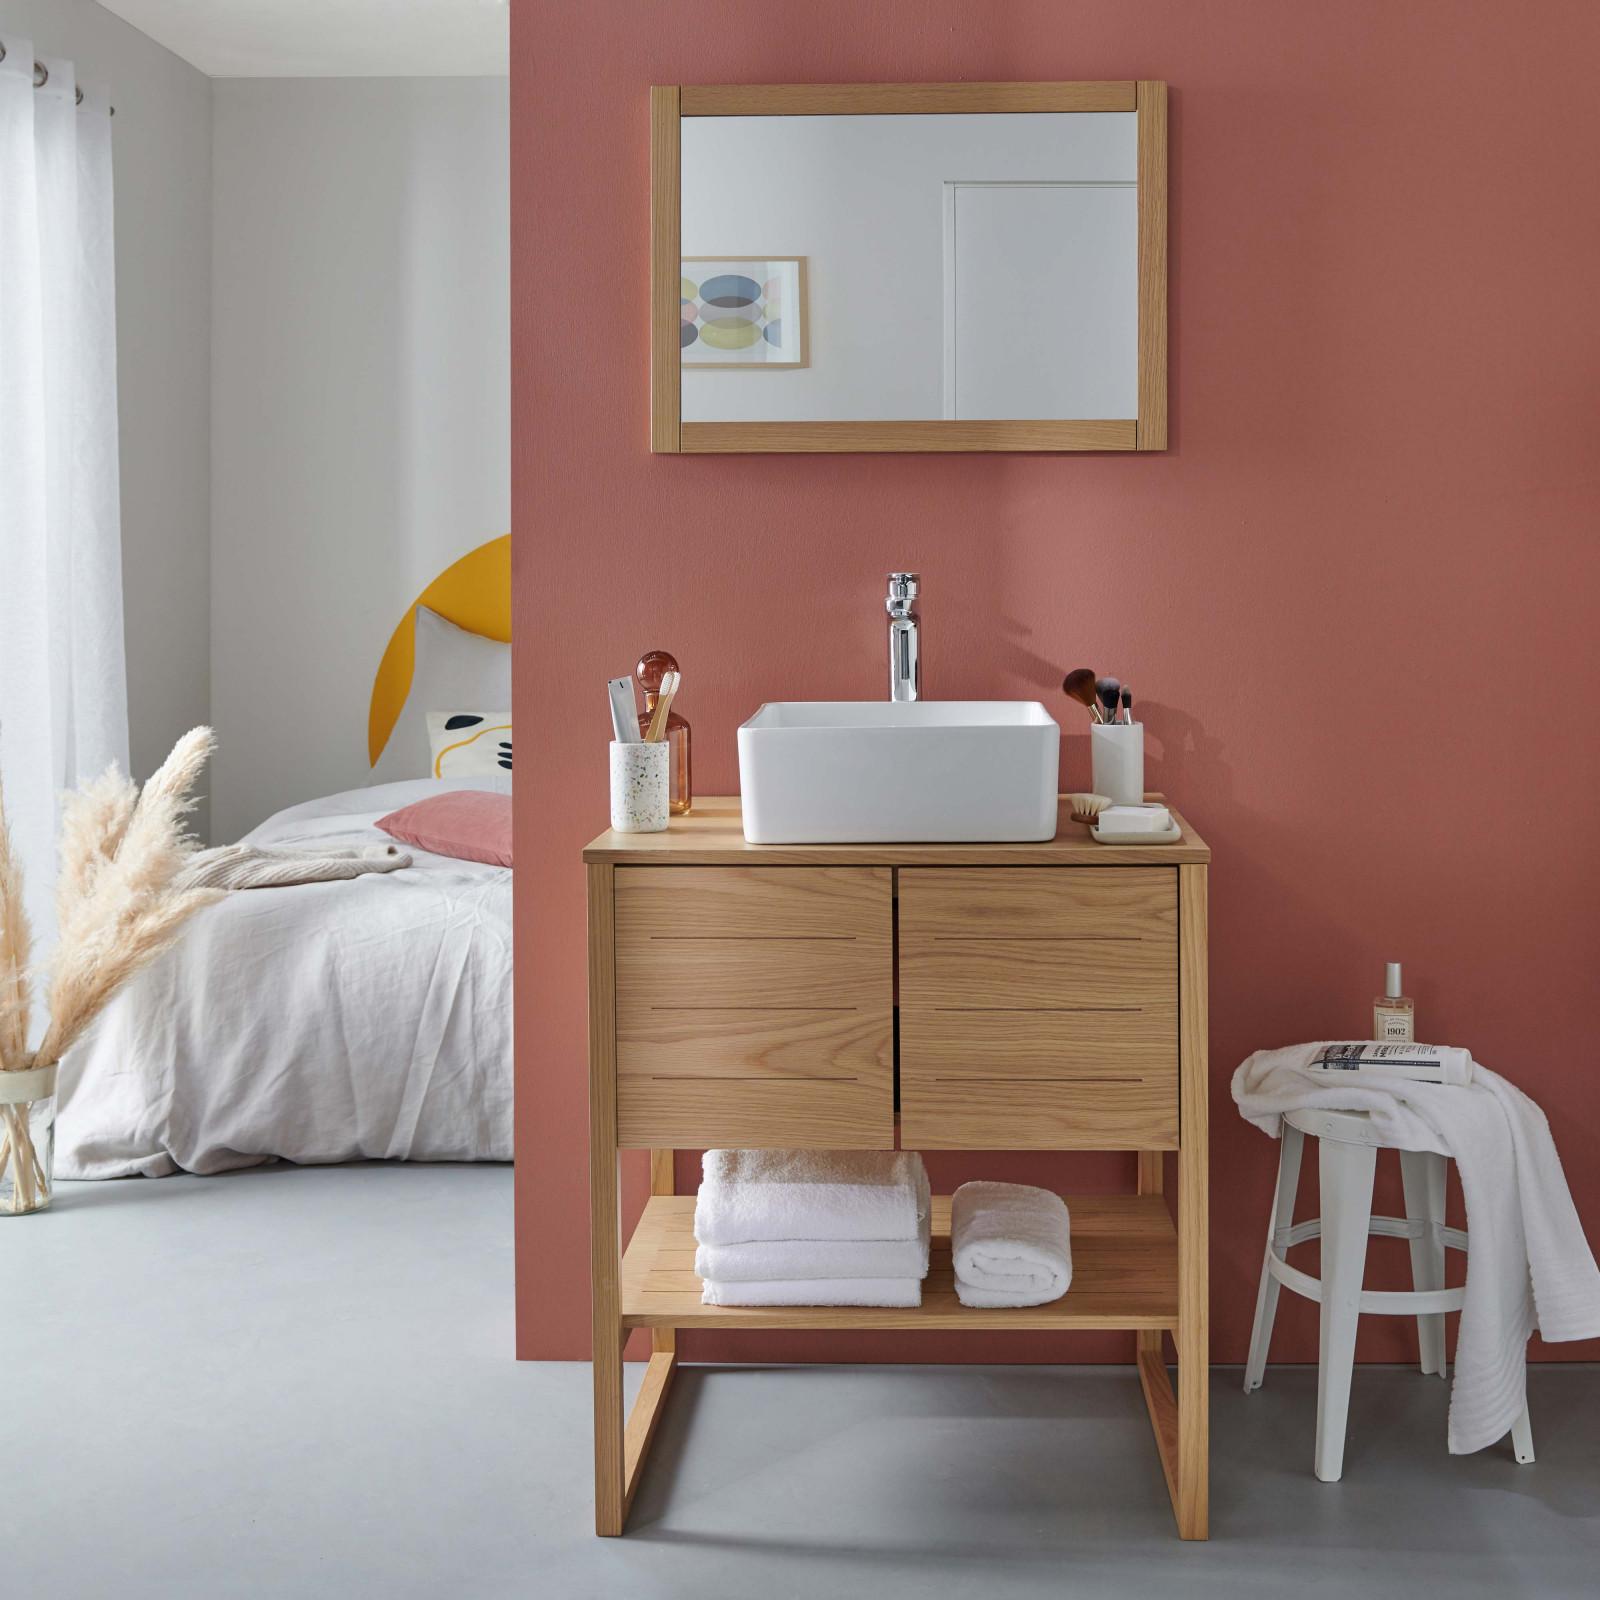 Meuble de salle de bain avec vasque et miroir effet bois clair